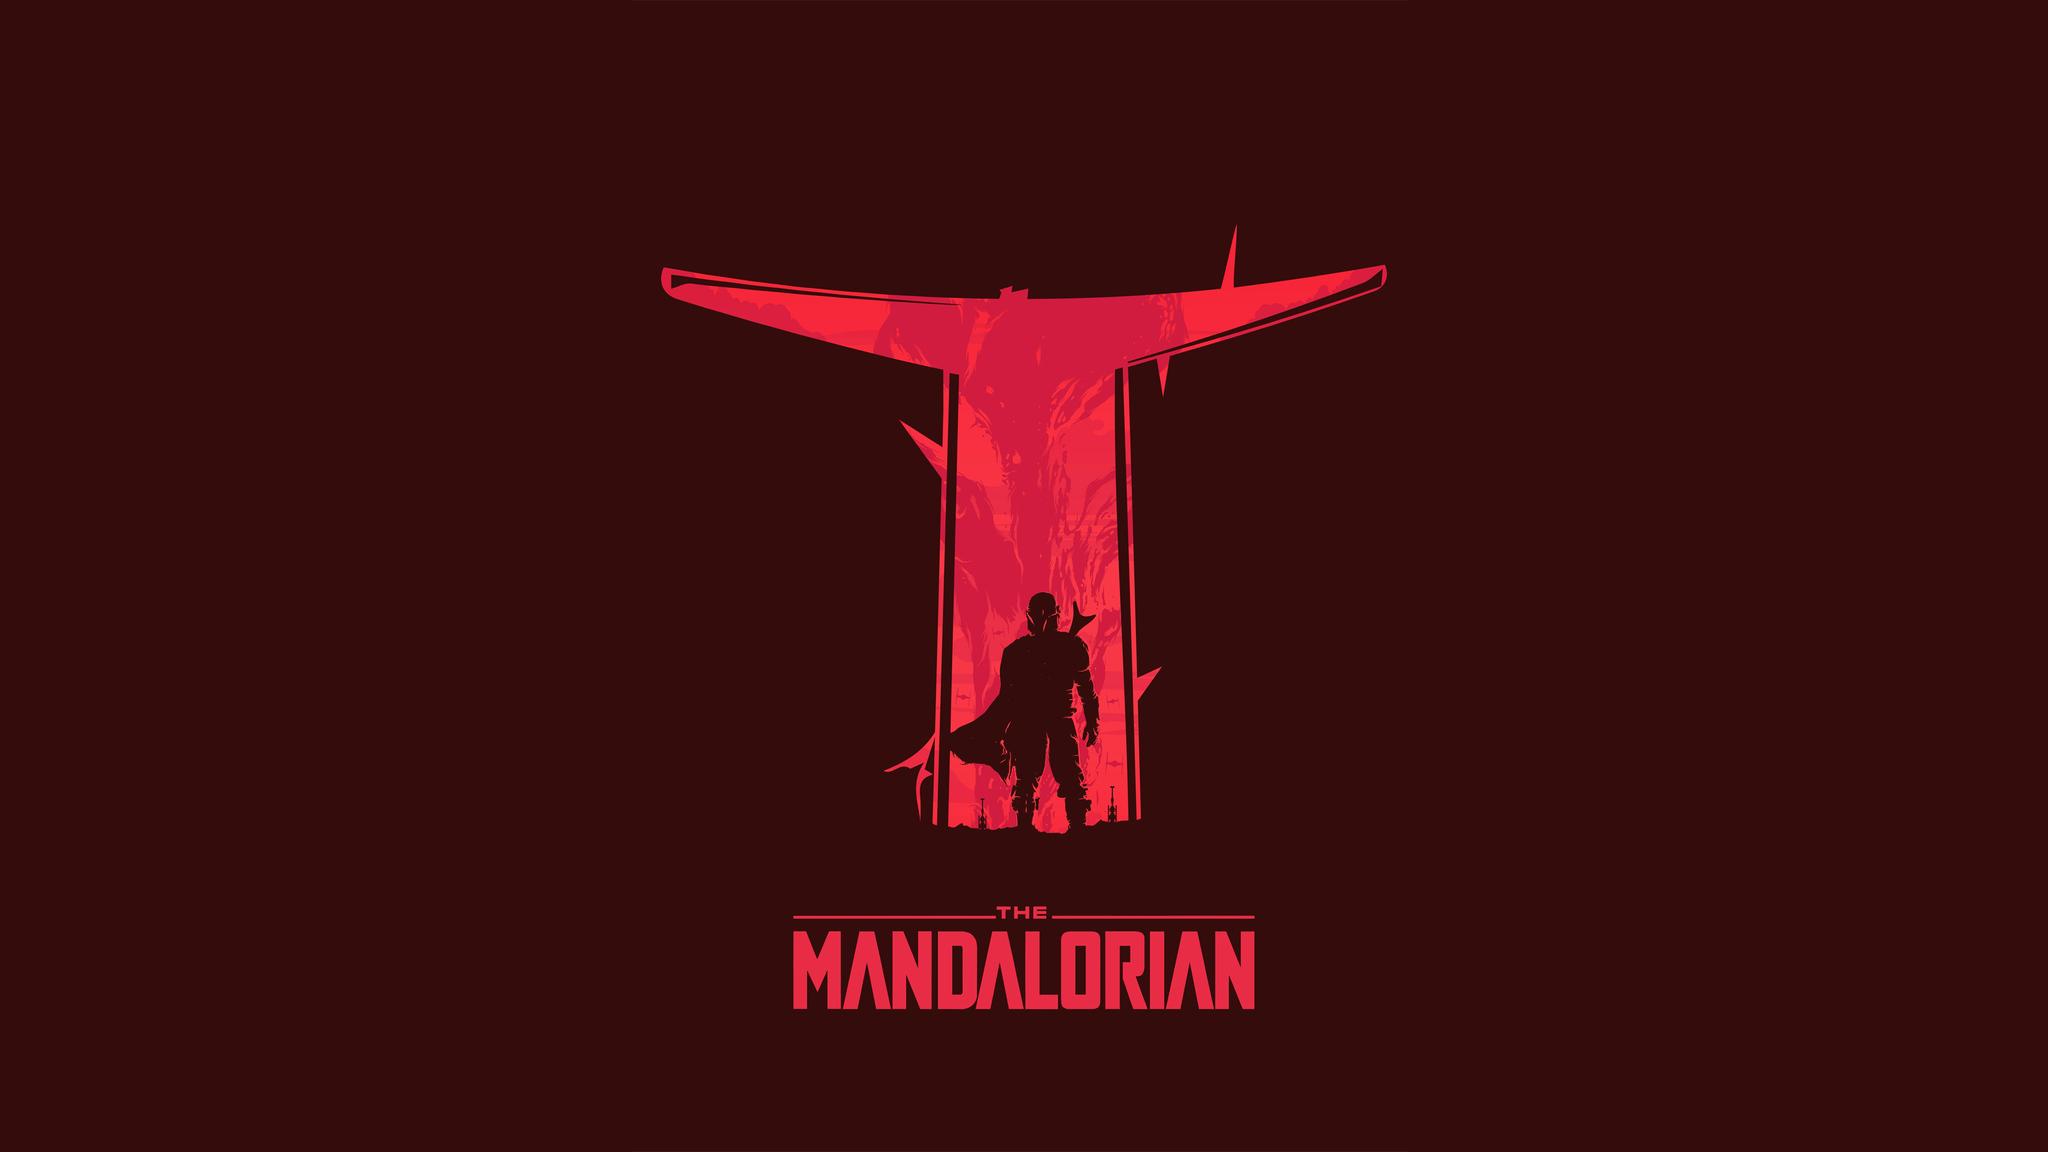 the-mandalorian-2019-art-4k-bb.jpg